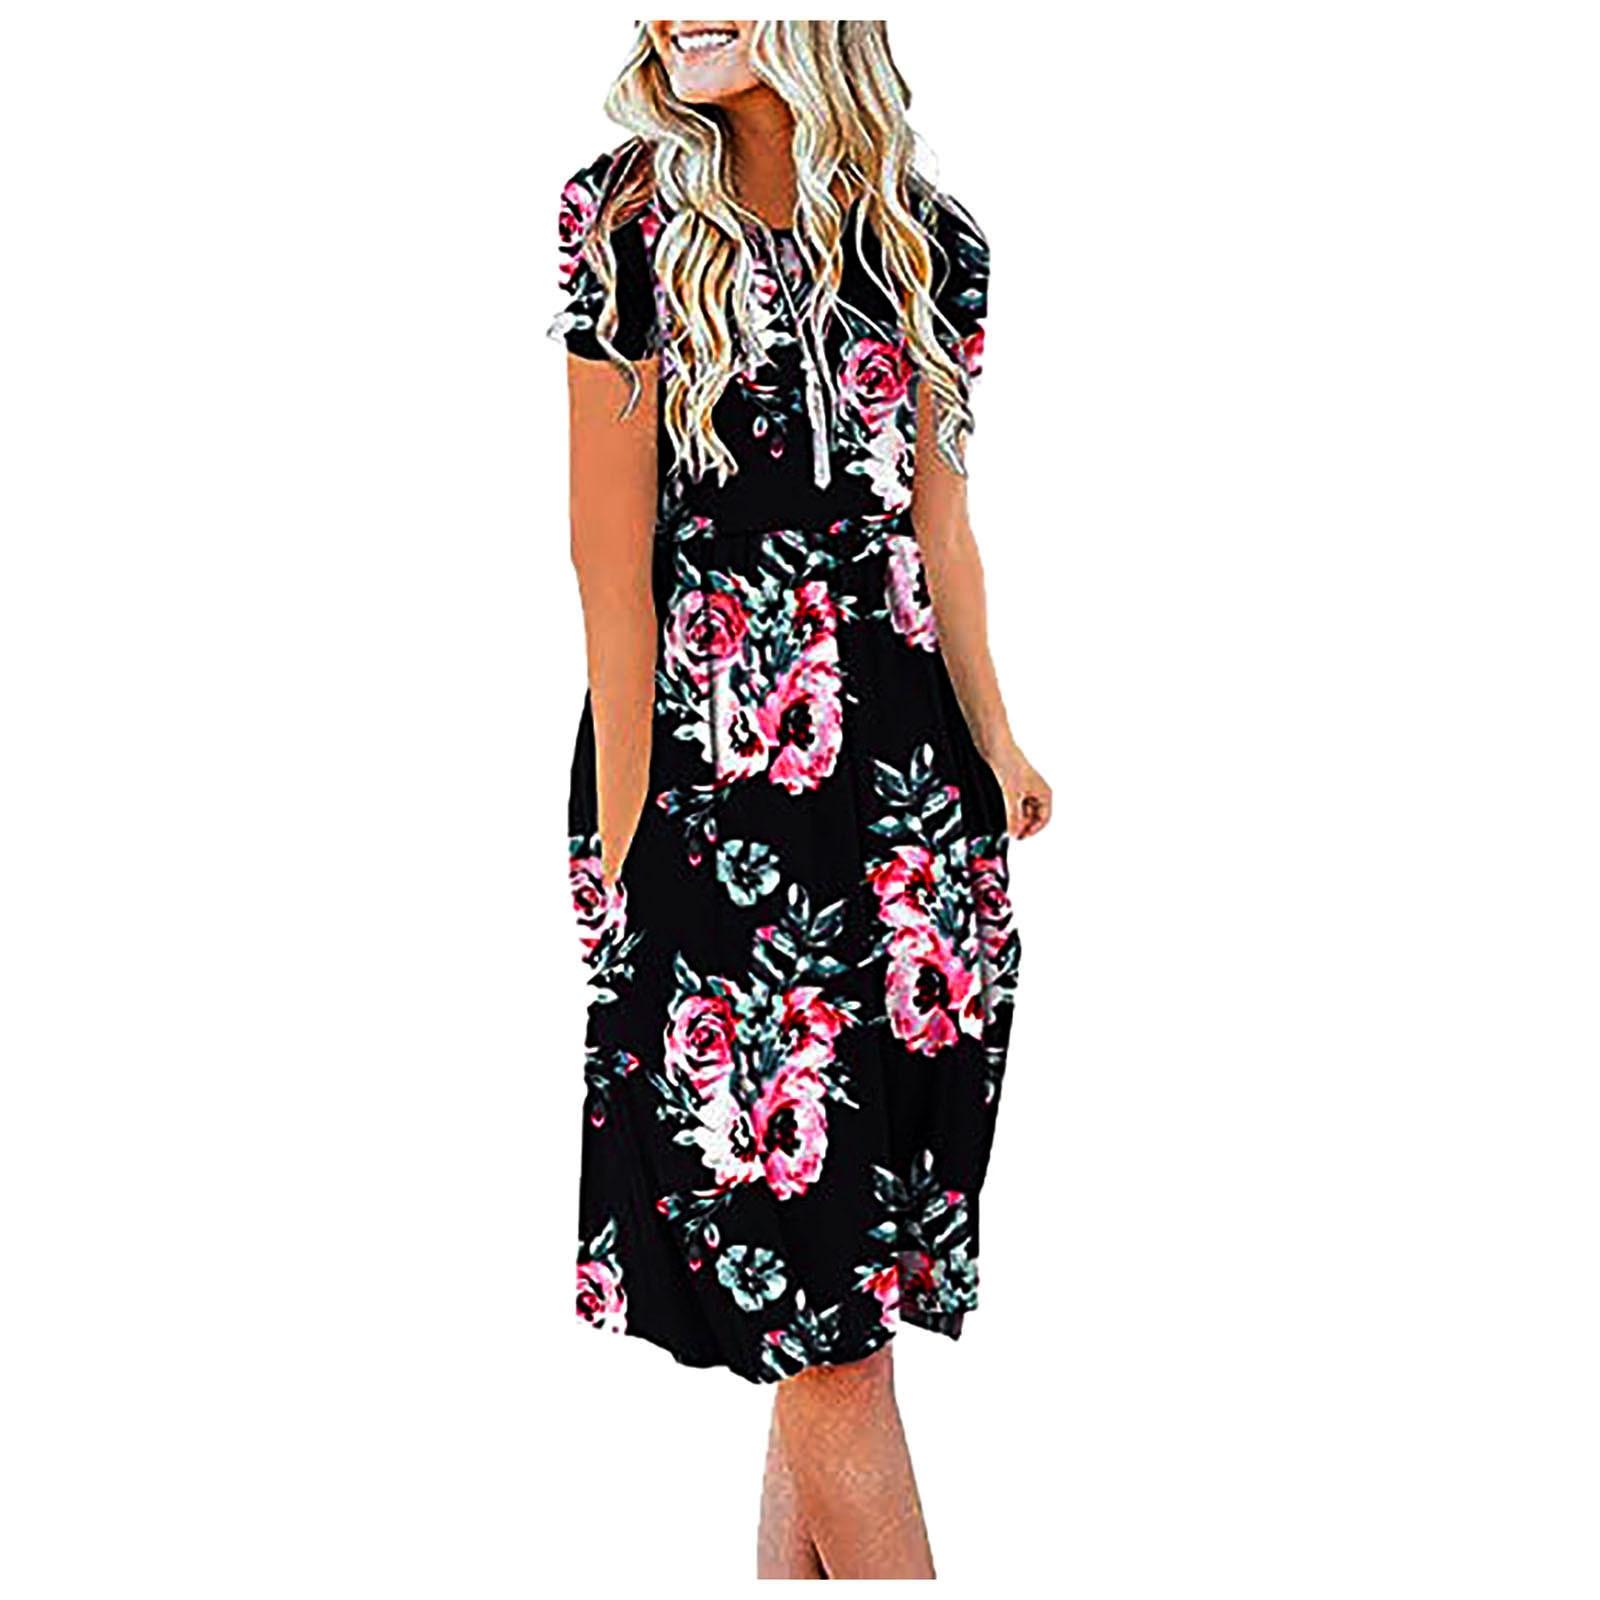 Women Summer Casual Short Sleeve Dresses Empire Waist Dress with Pockets 4